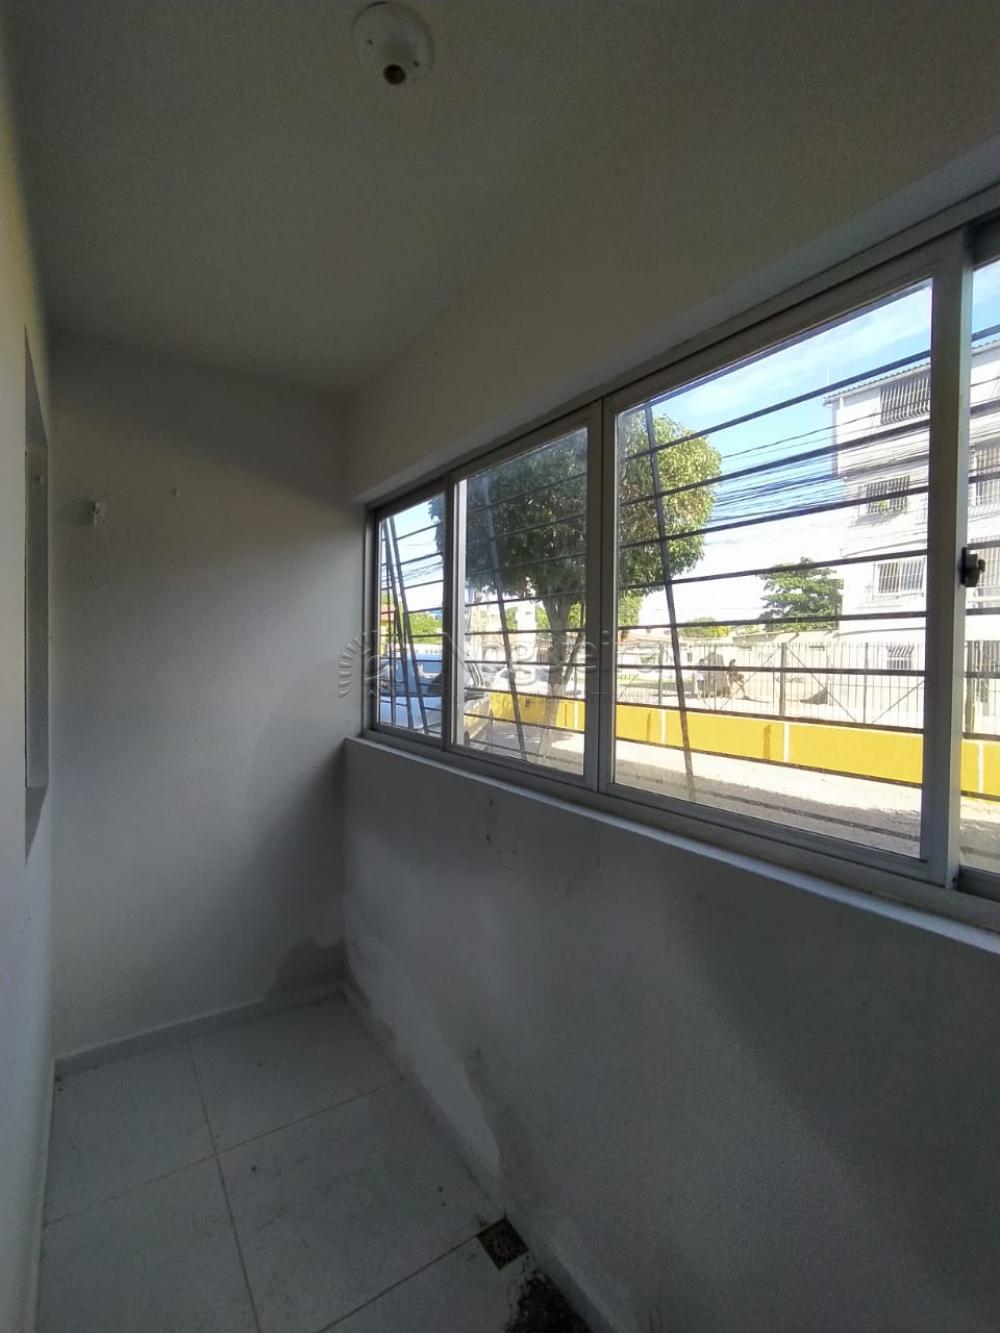 Apartamento em Candeias com varanda, sala para dois ambientes, dois quartos, banheiro social com box, cozinha e uma vaga de garagem.   Apartamento bem localizado, perto de colégios, mercados, farmácias e parada de ônibus.